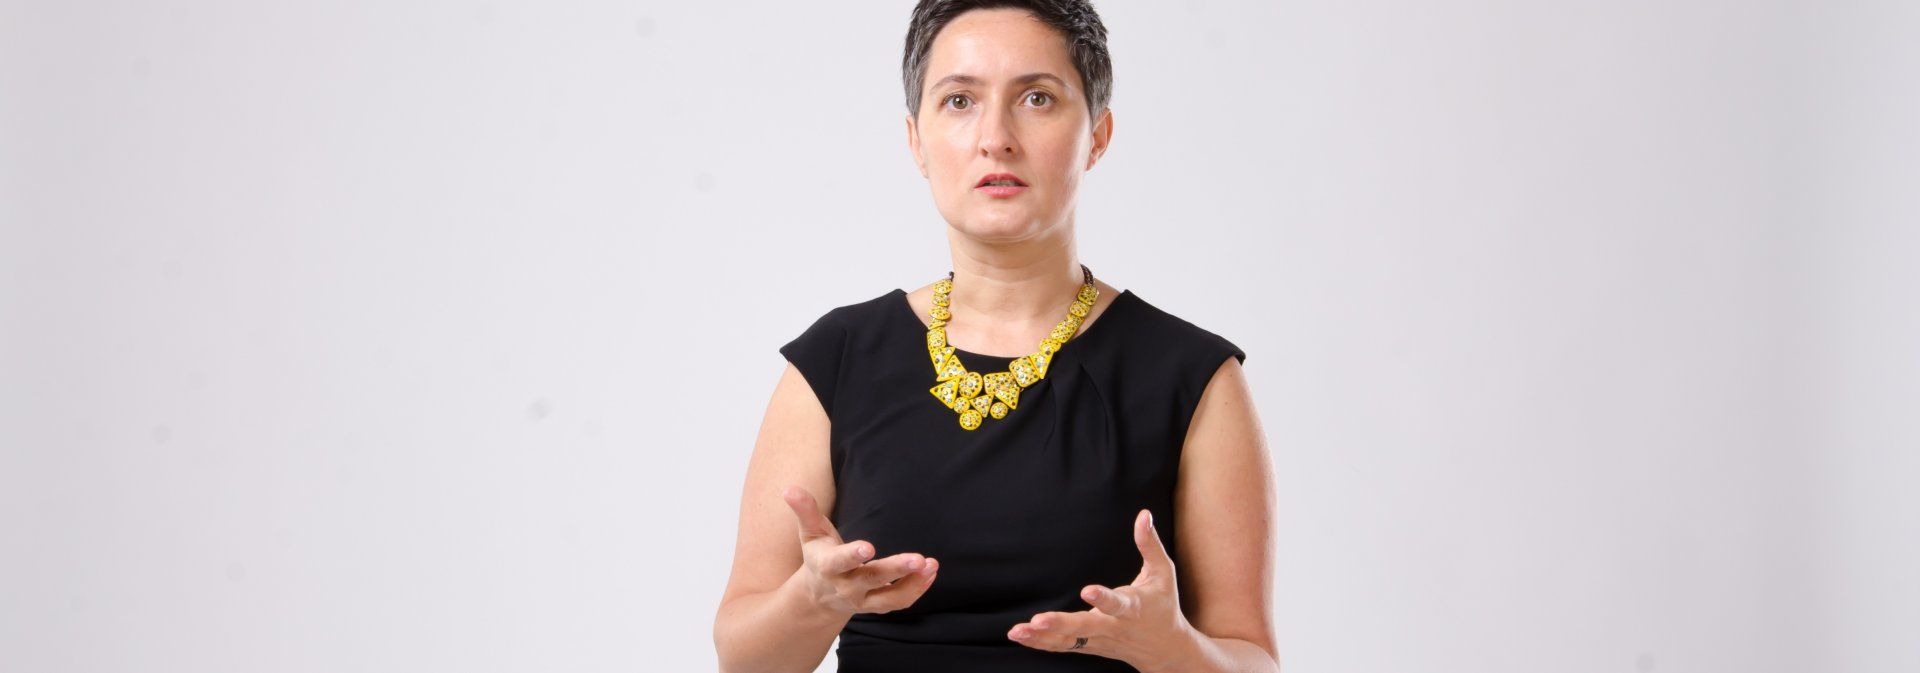 Cristina Varo, terapeut, trainer & coach, Cluj-Napoca, Cluj